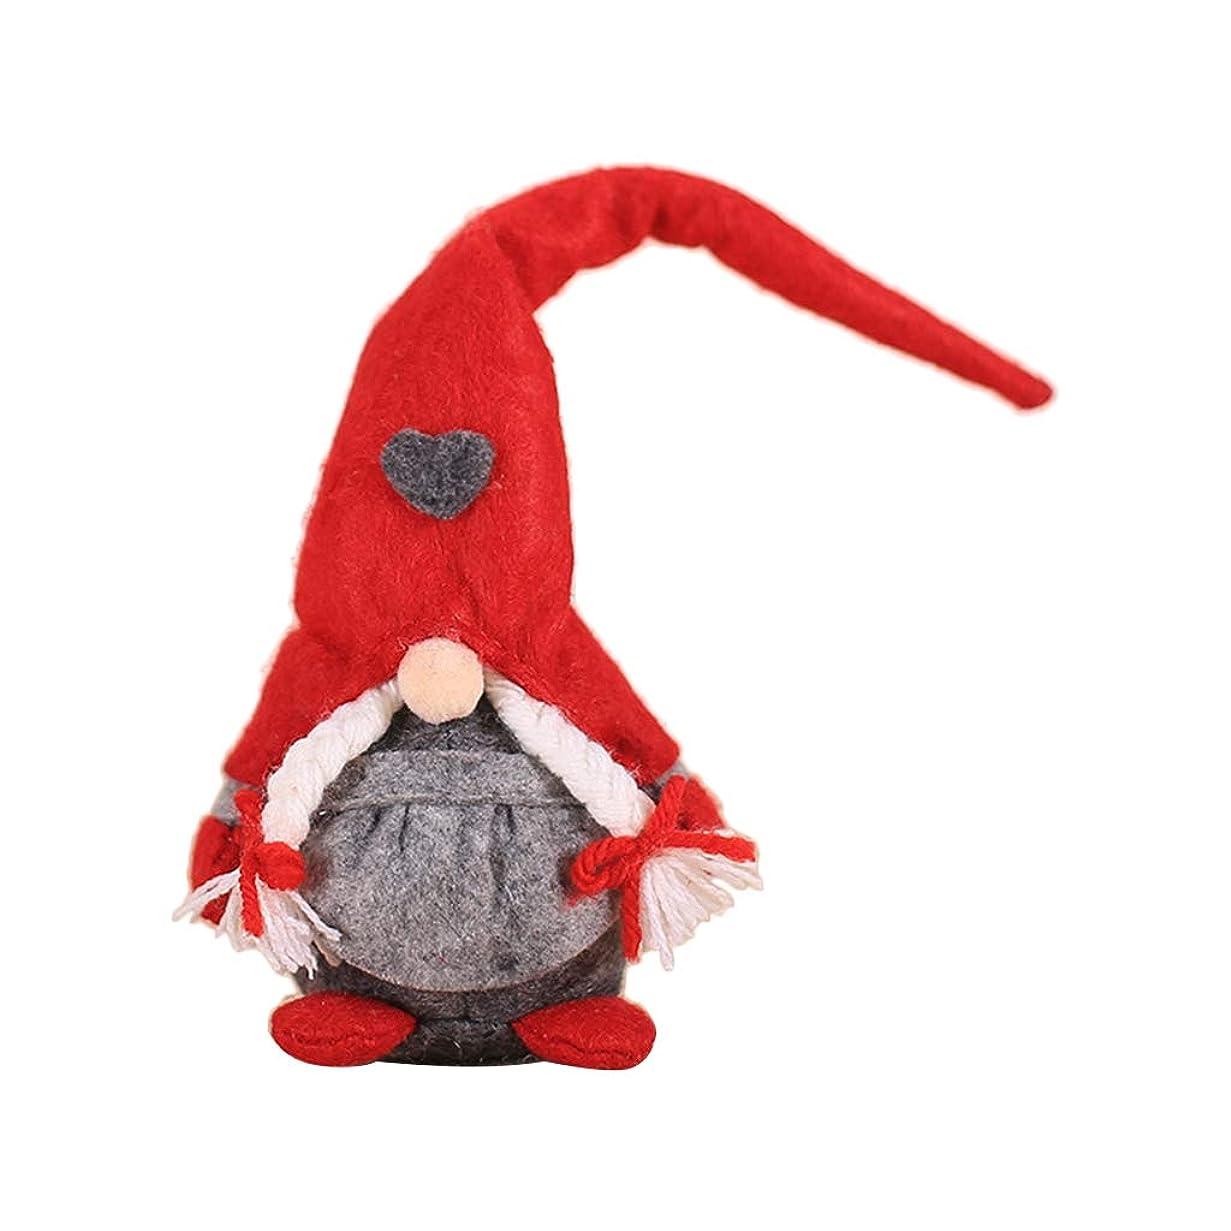 因子免疫するまたshunxinerstyクリスマスオーナメント1ピースクリスマス手作りサンタぬいぐるみ人形オーナメントぶら下げクリスマスツリー玩具ホリデーホームパーティーの装飾キッズギフトd#